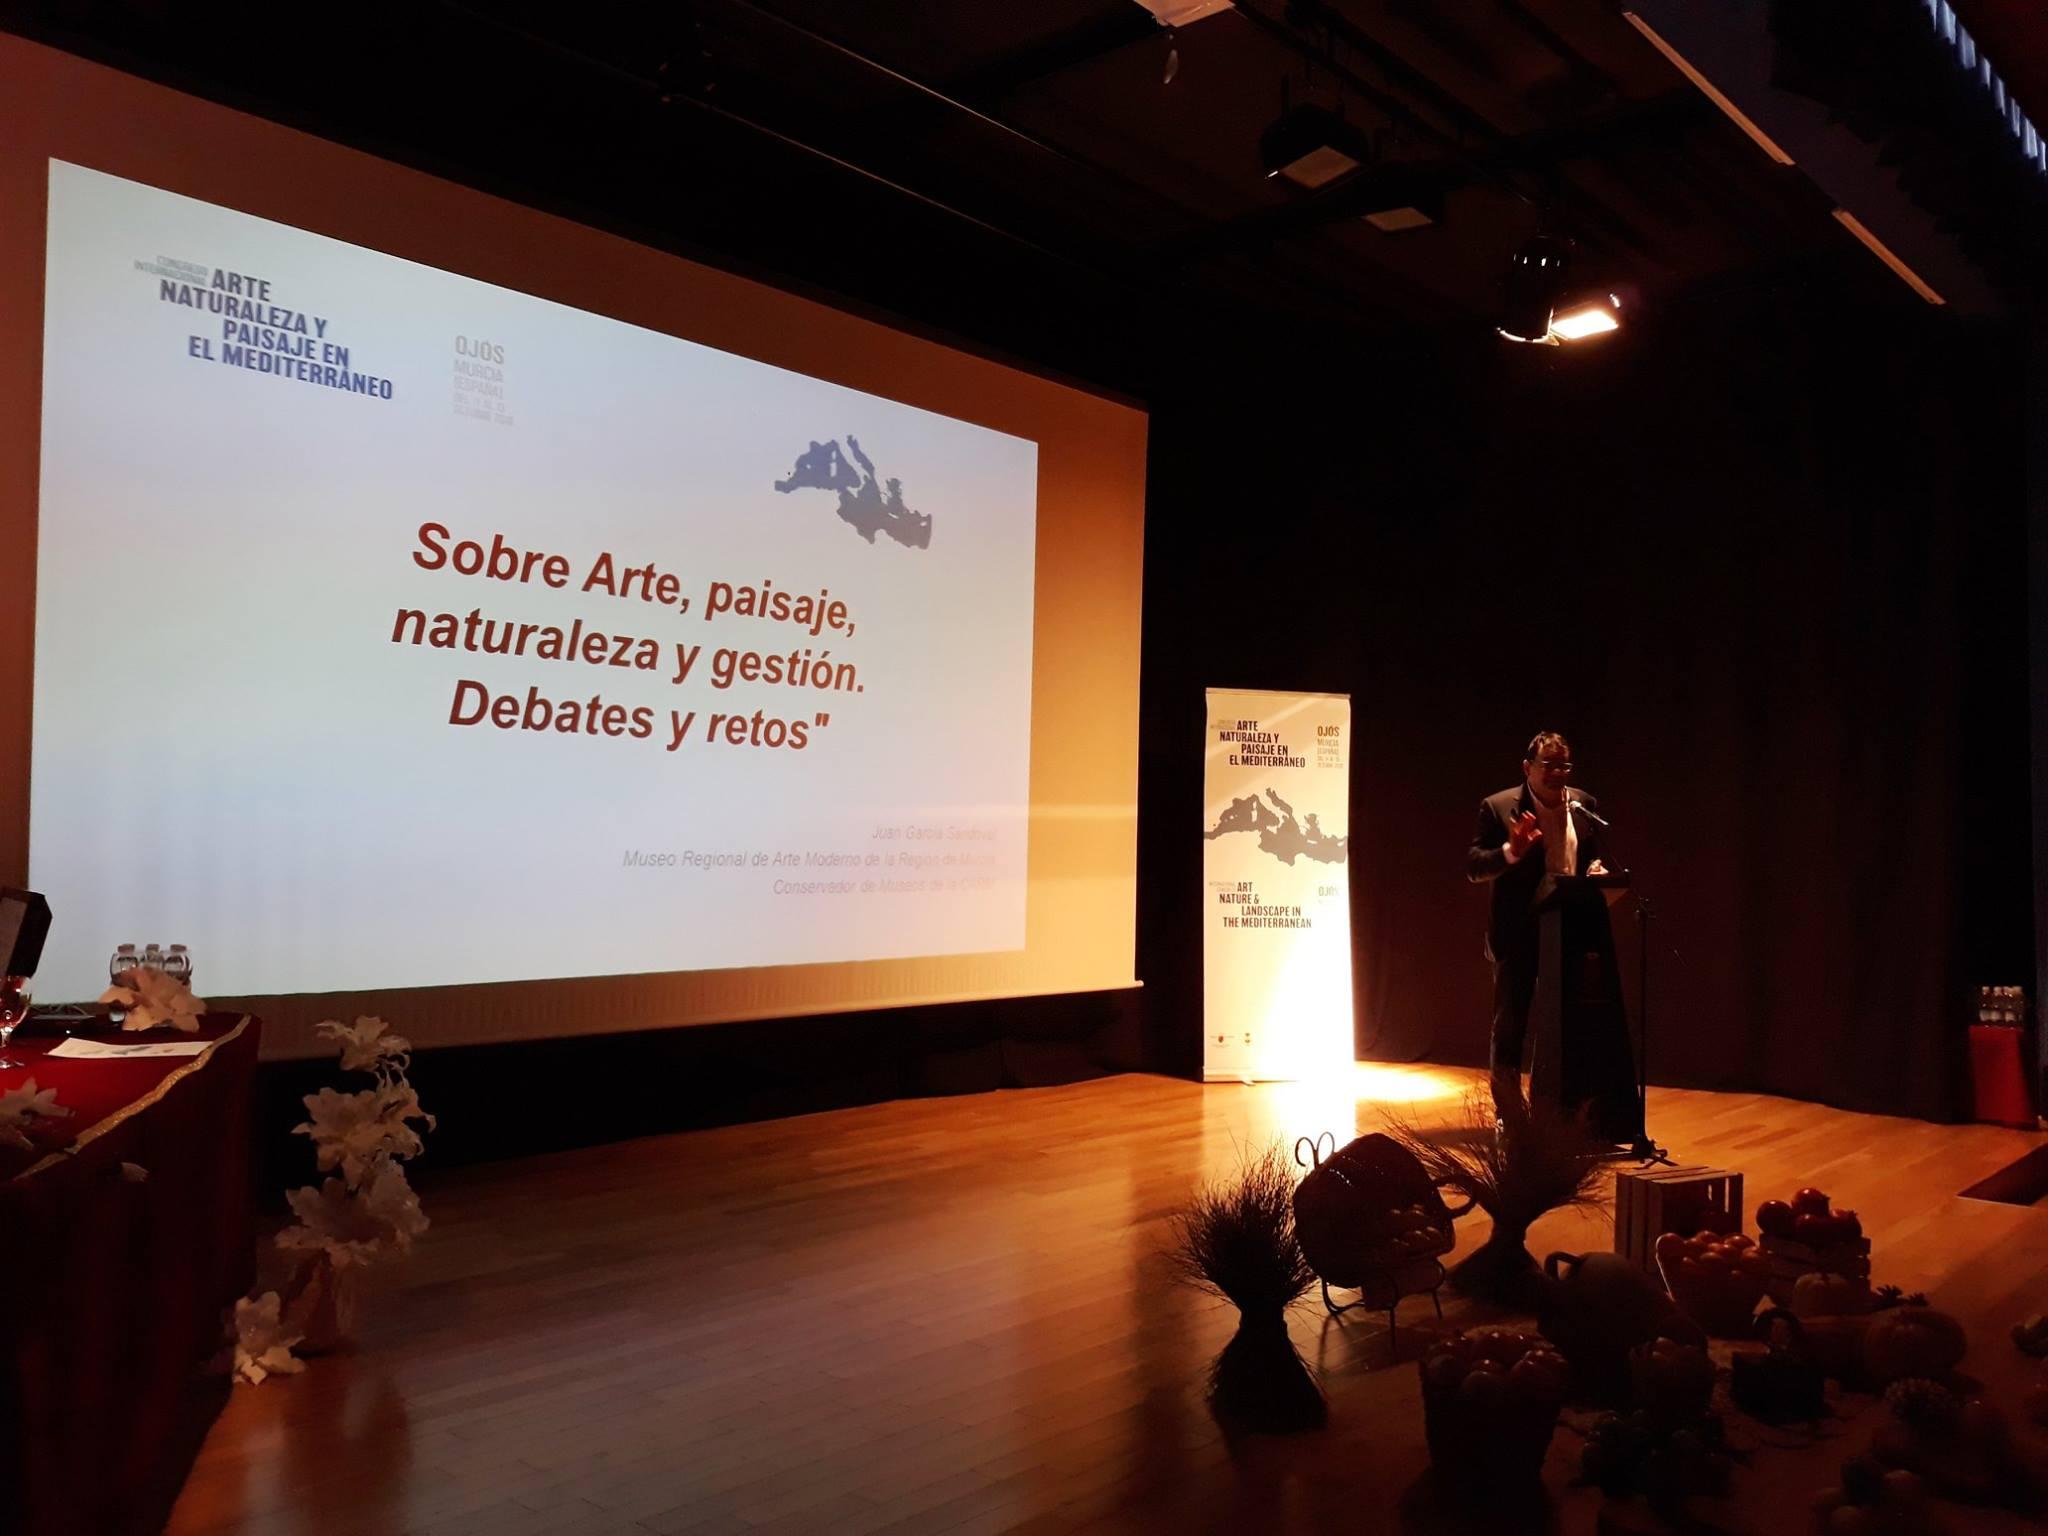 Juan García Sandoval, durante la inauguración del Congreso. Imagen: Congreso Internacional de Arte, Naturaleza y Paisaje en el Mediterráneo